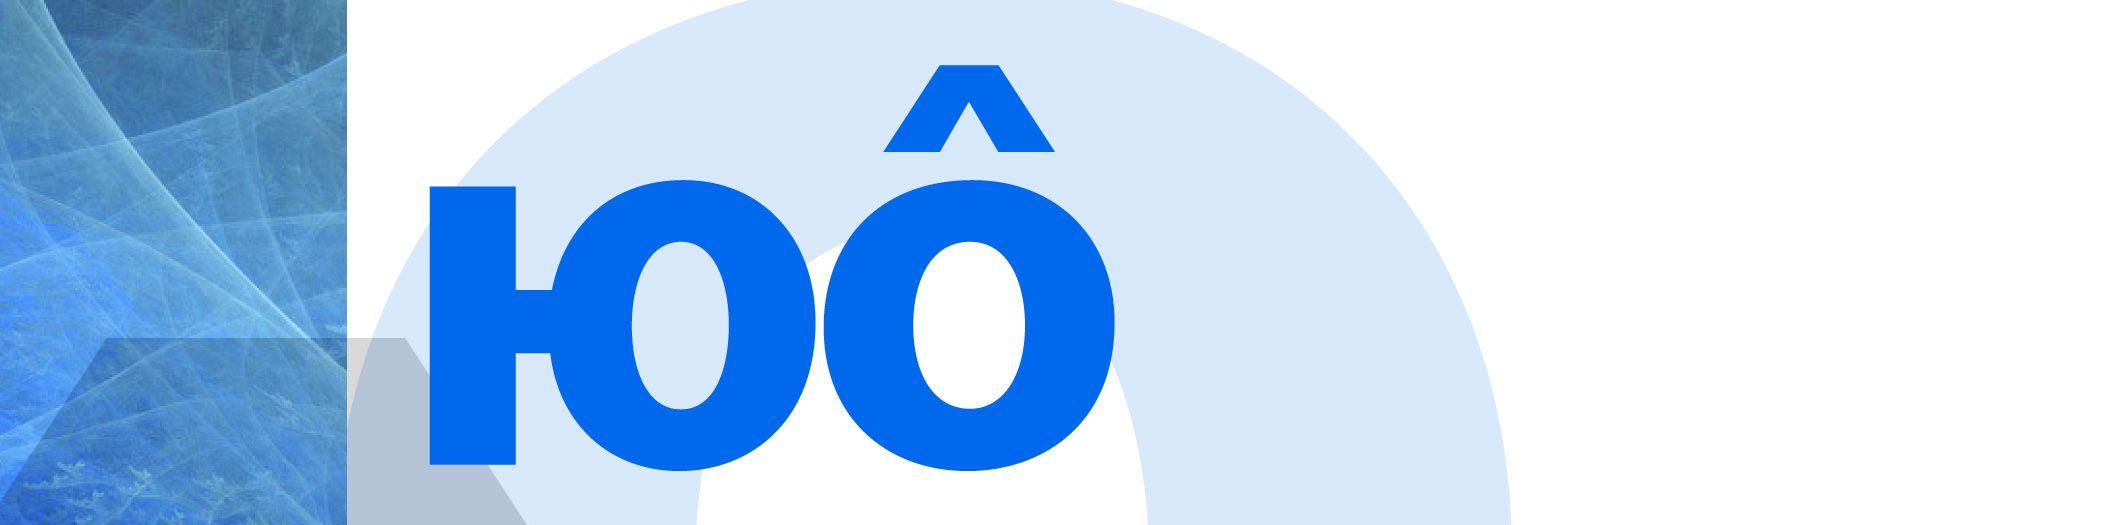 Edicija 100 slovenskih romana: planovi za 2015. godinu